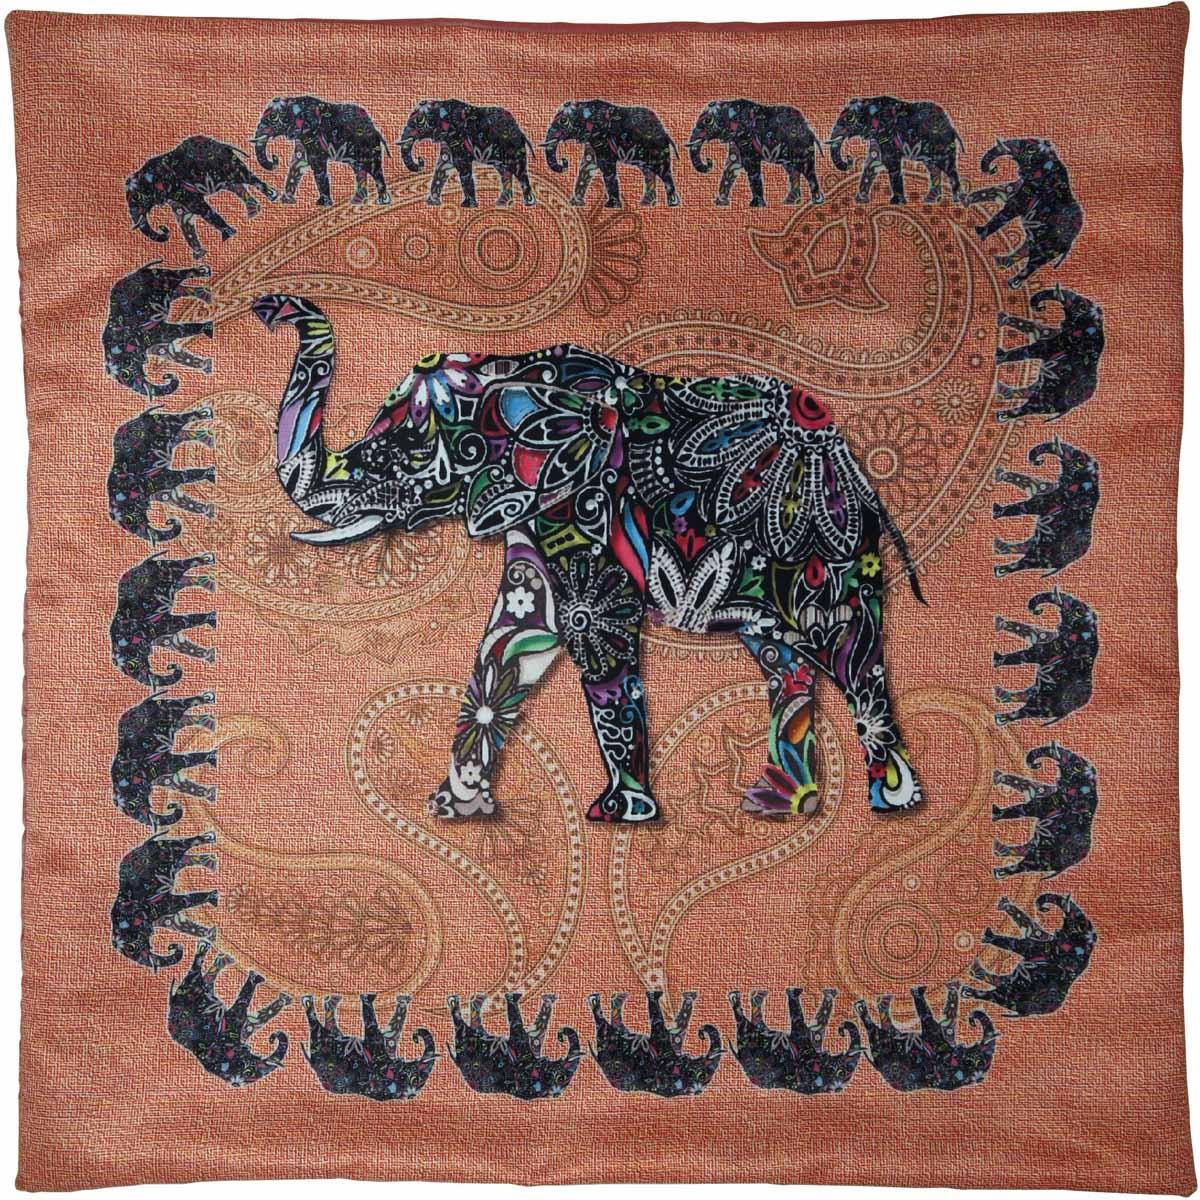 Наволочка для декоративной подушки GiftnHome Слон, цвет: персиковый, черный, 40 х 40 смНВЛ-40 Слон/персиковый/Изделие изготовлено из искусственного шелка - атласа! Наволочка на молнии